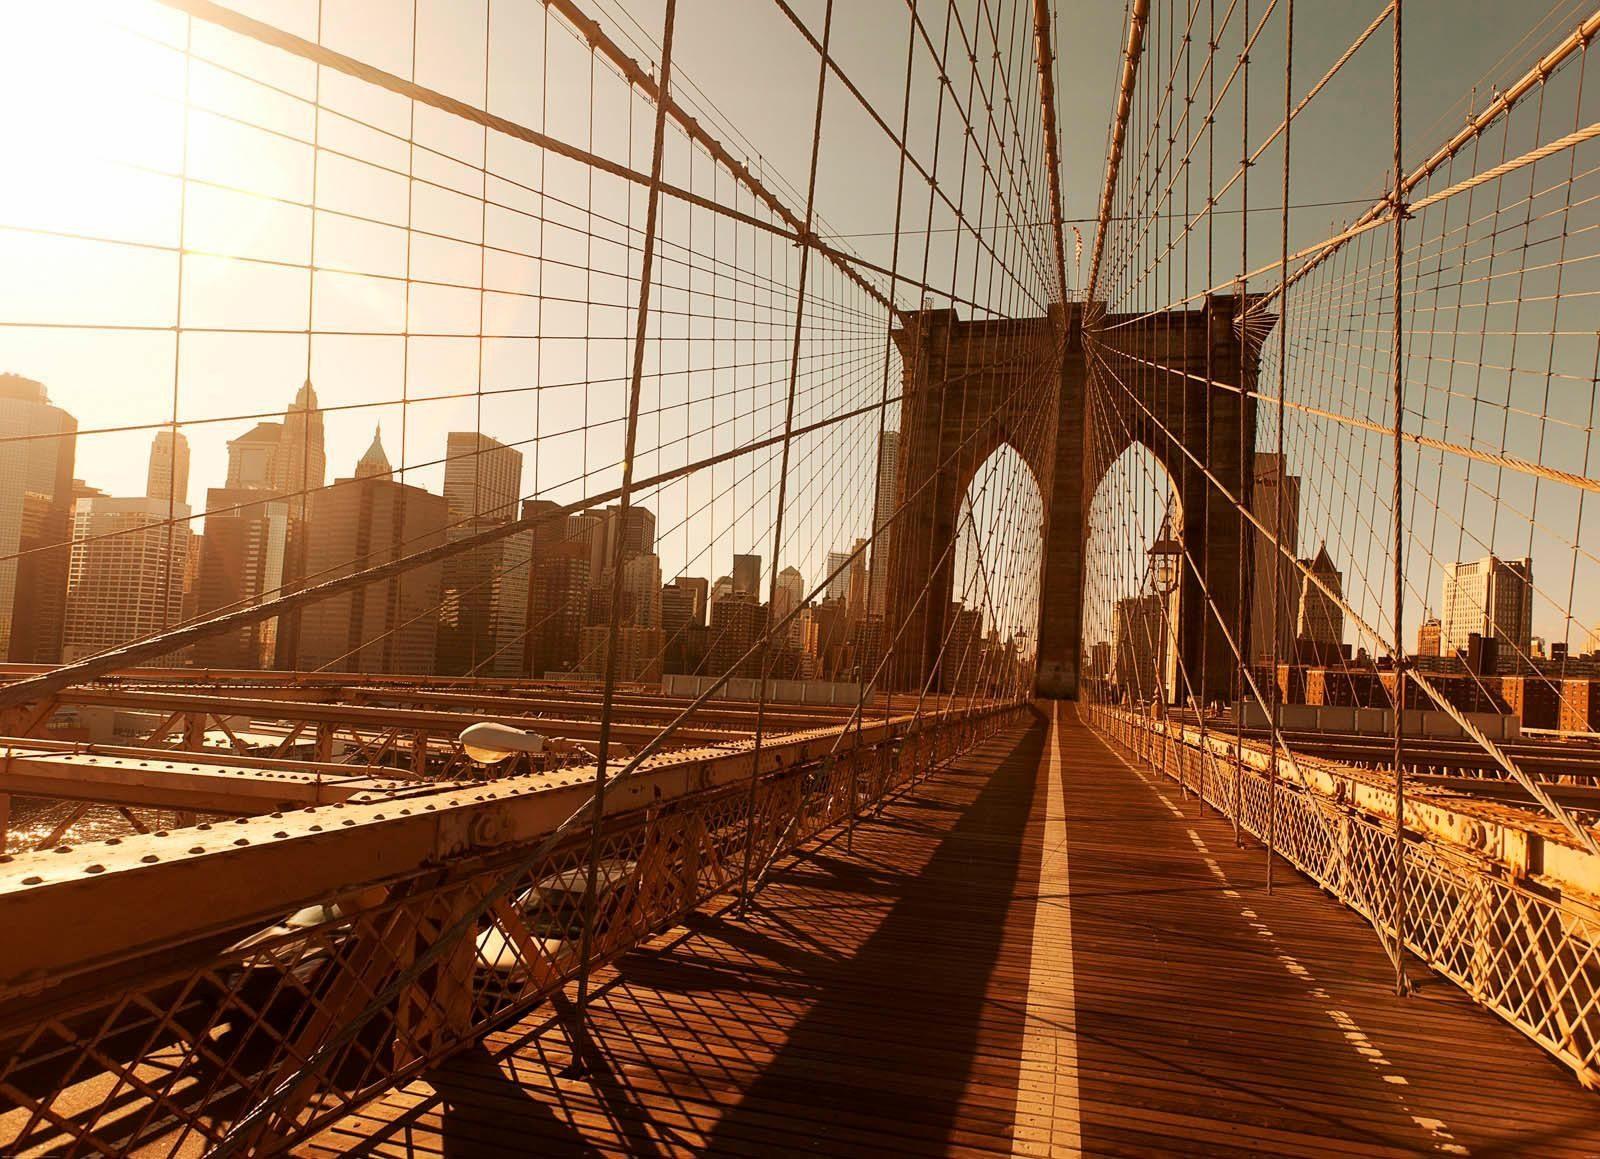 Fototapete »New York« 254/184 cm